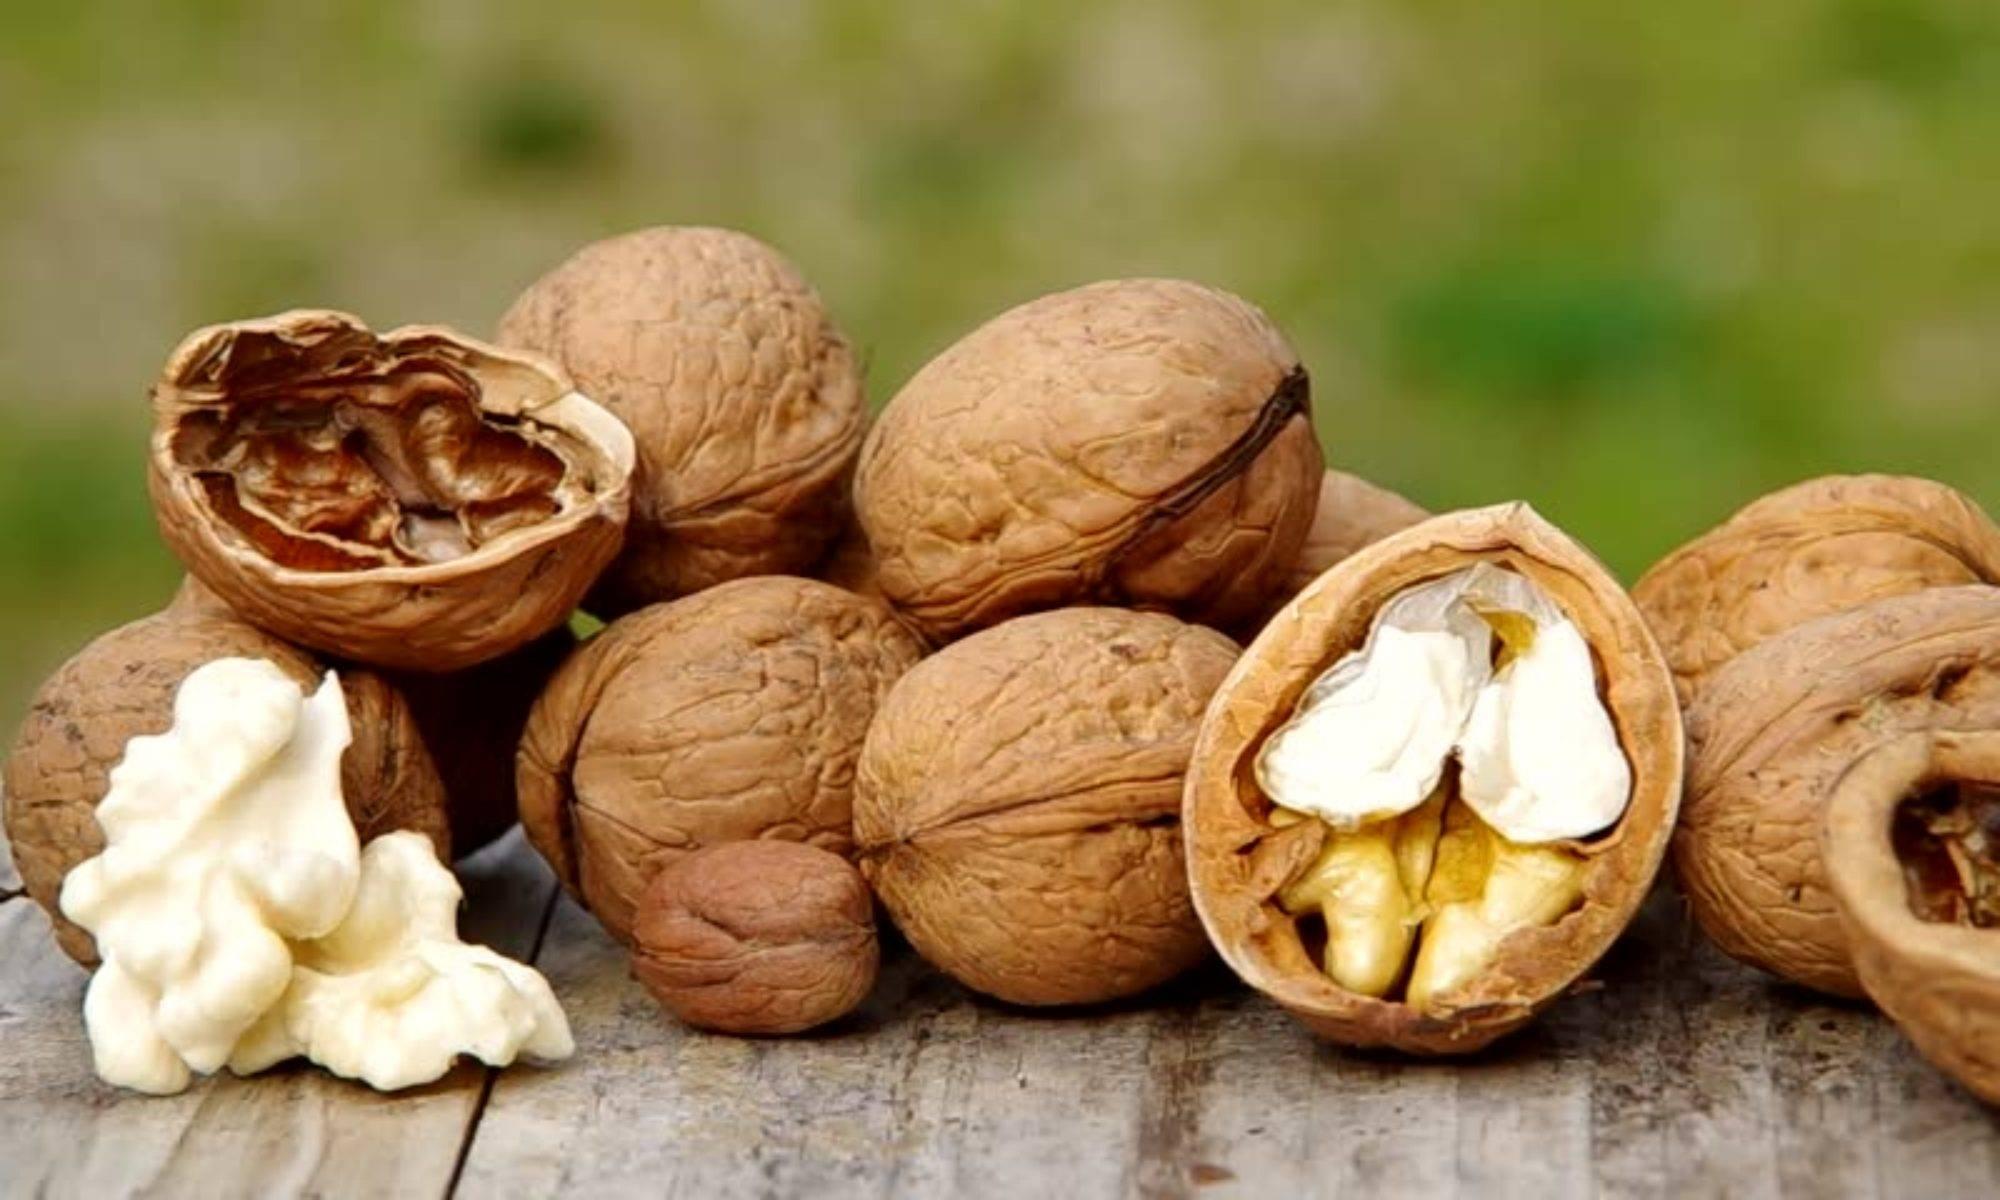 Грецкие орехи: польза и вред, полезные свойства, показания и противопоказания, народные рецепты